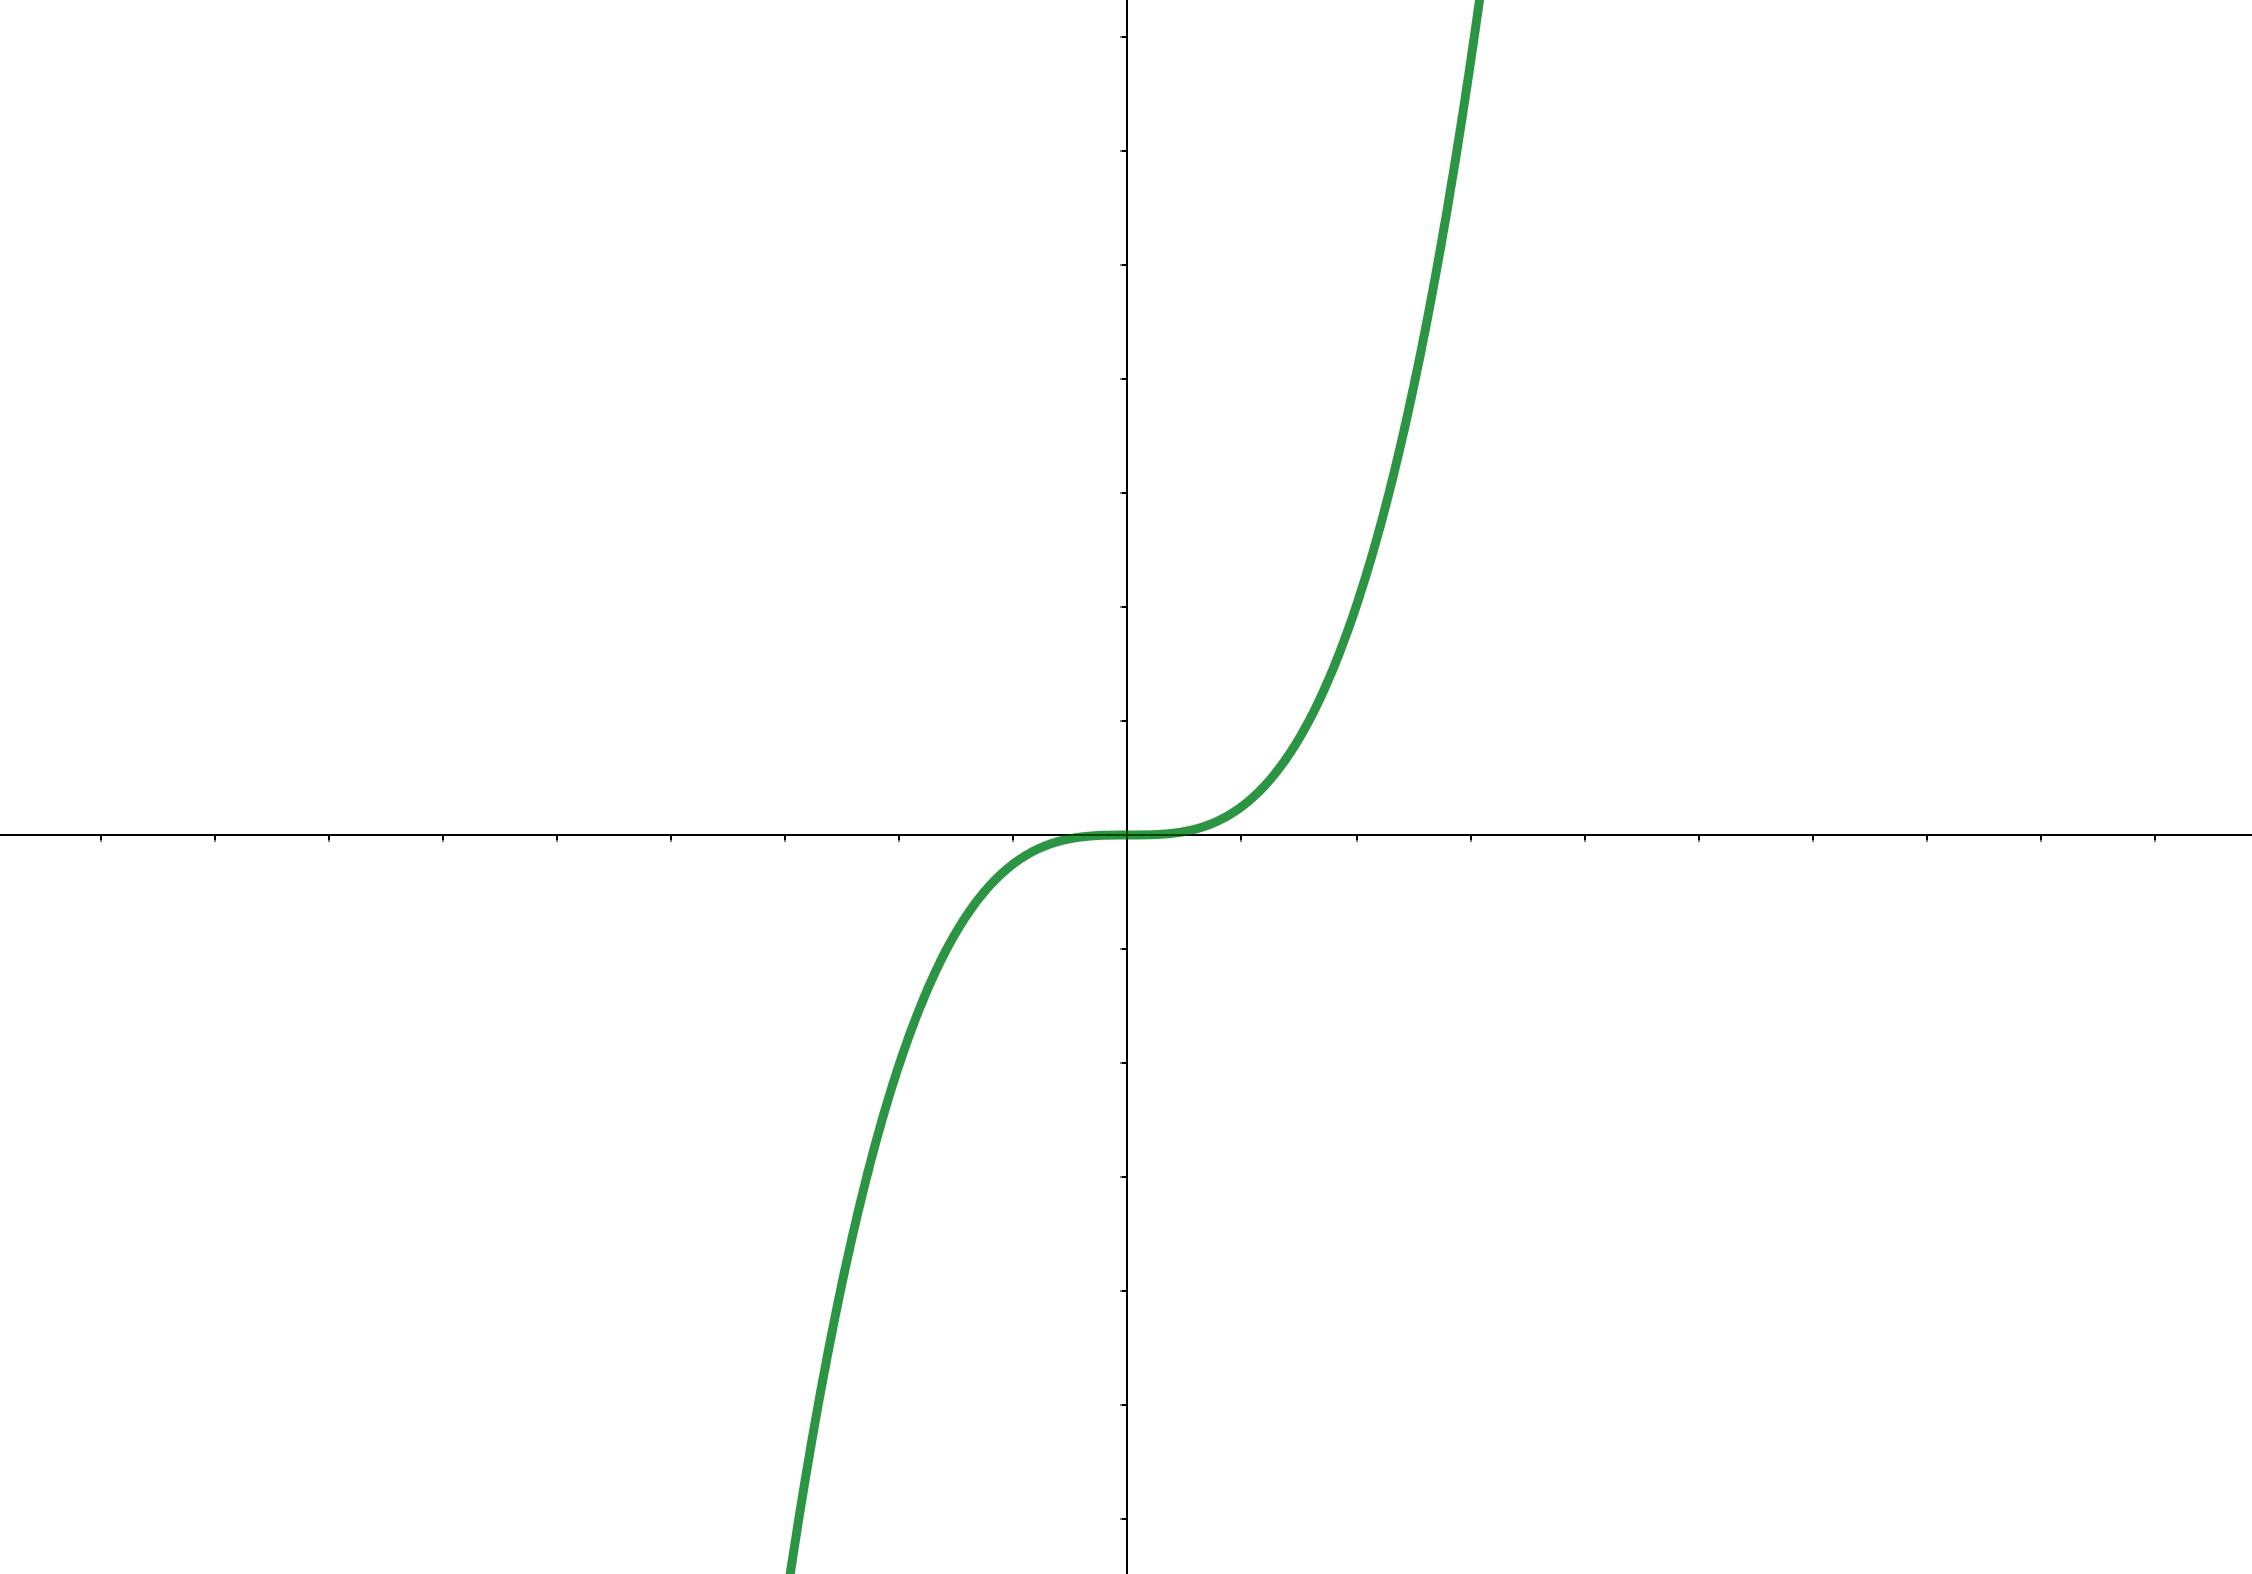 単調増加しているグラフの例